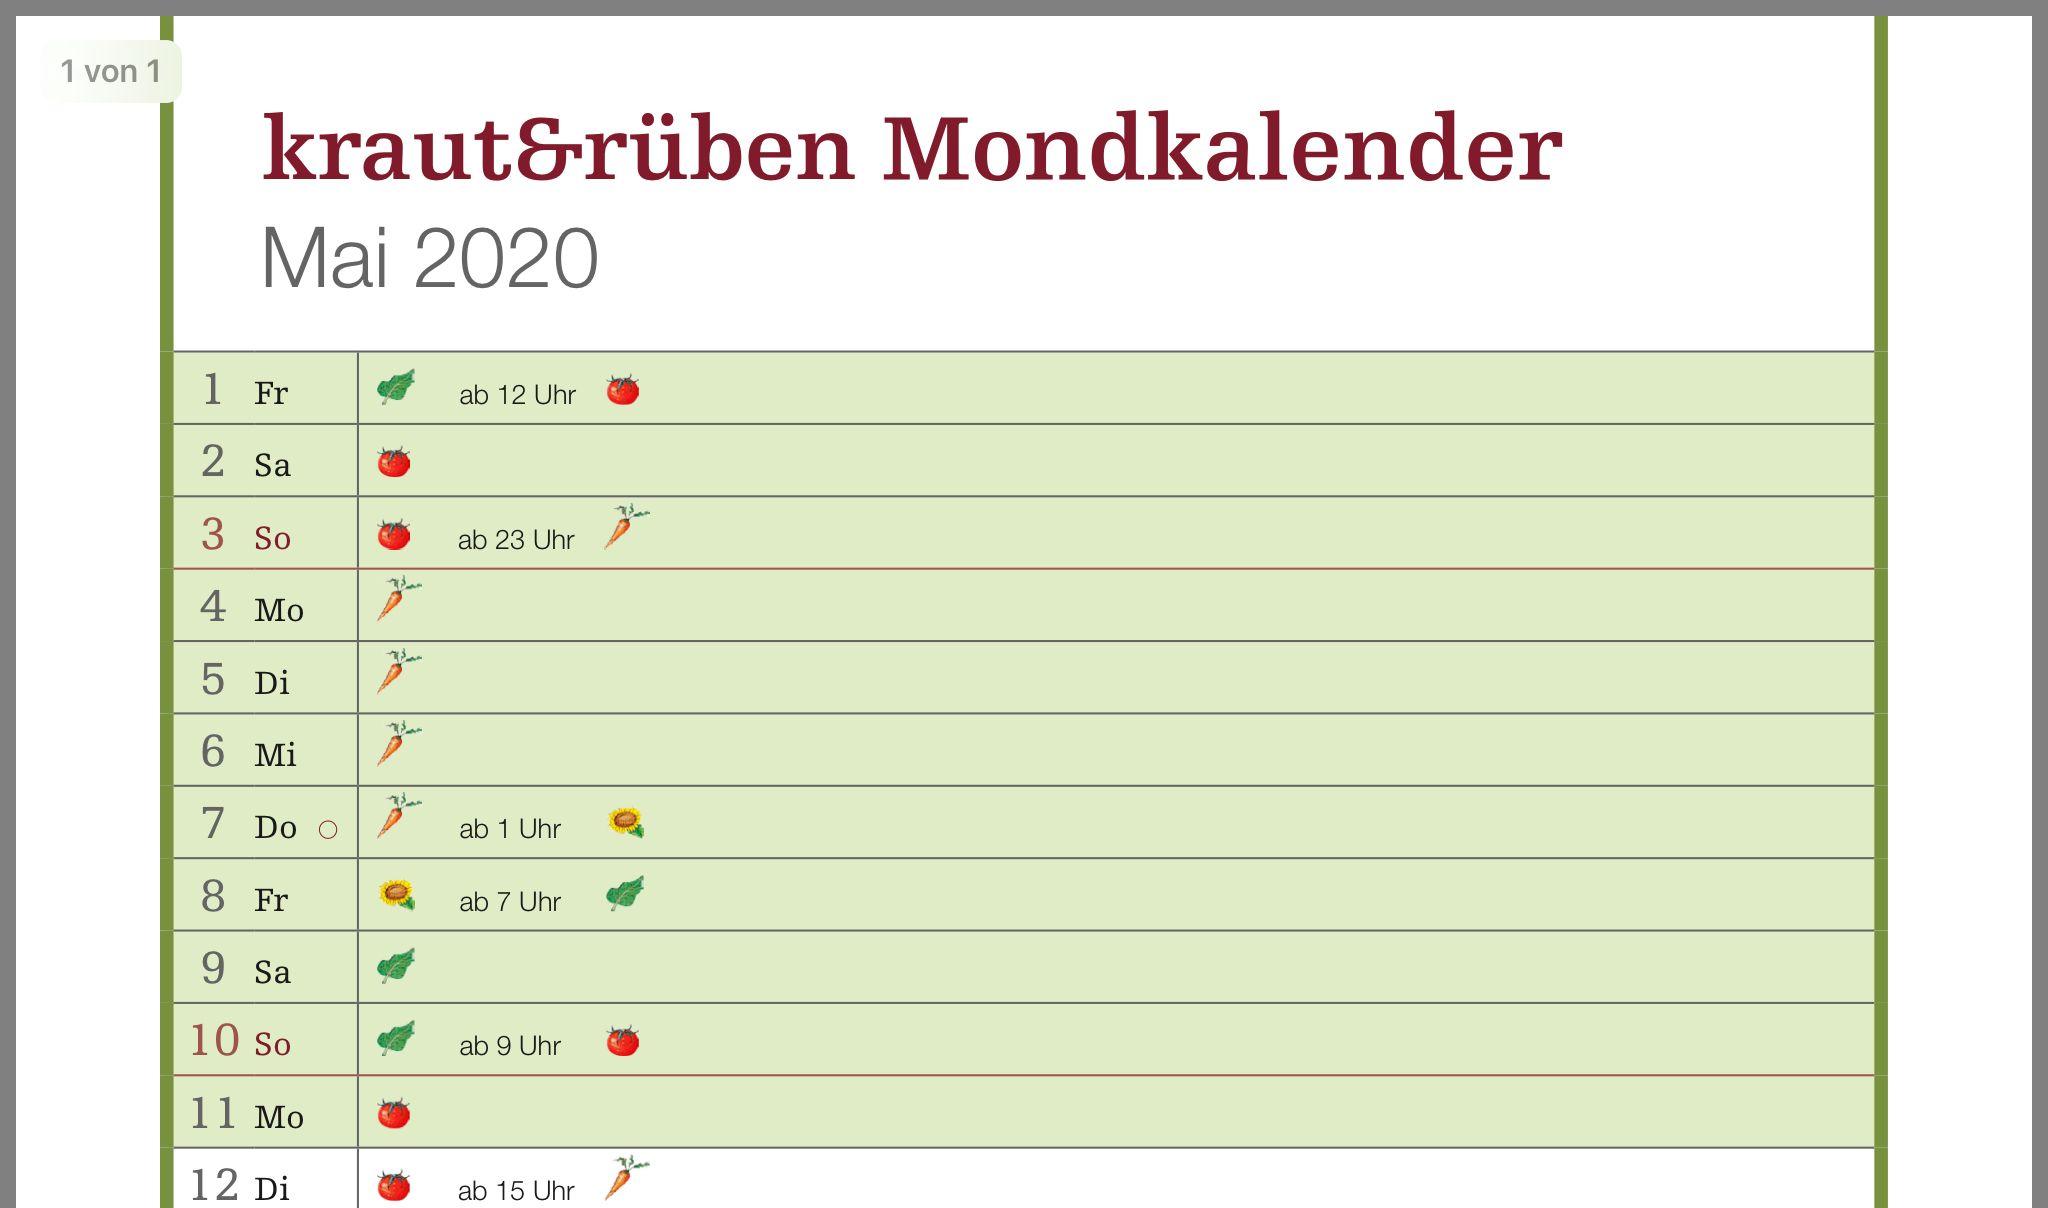 Pin Von Frieda 1974 Auf Gruner Daumen In 2020 Mondkalender Kalender 15 Uhr